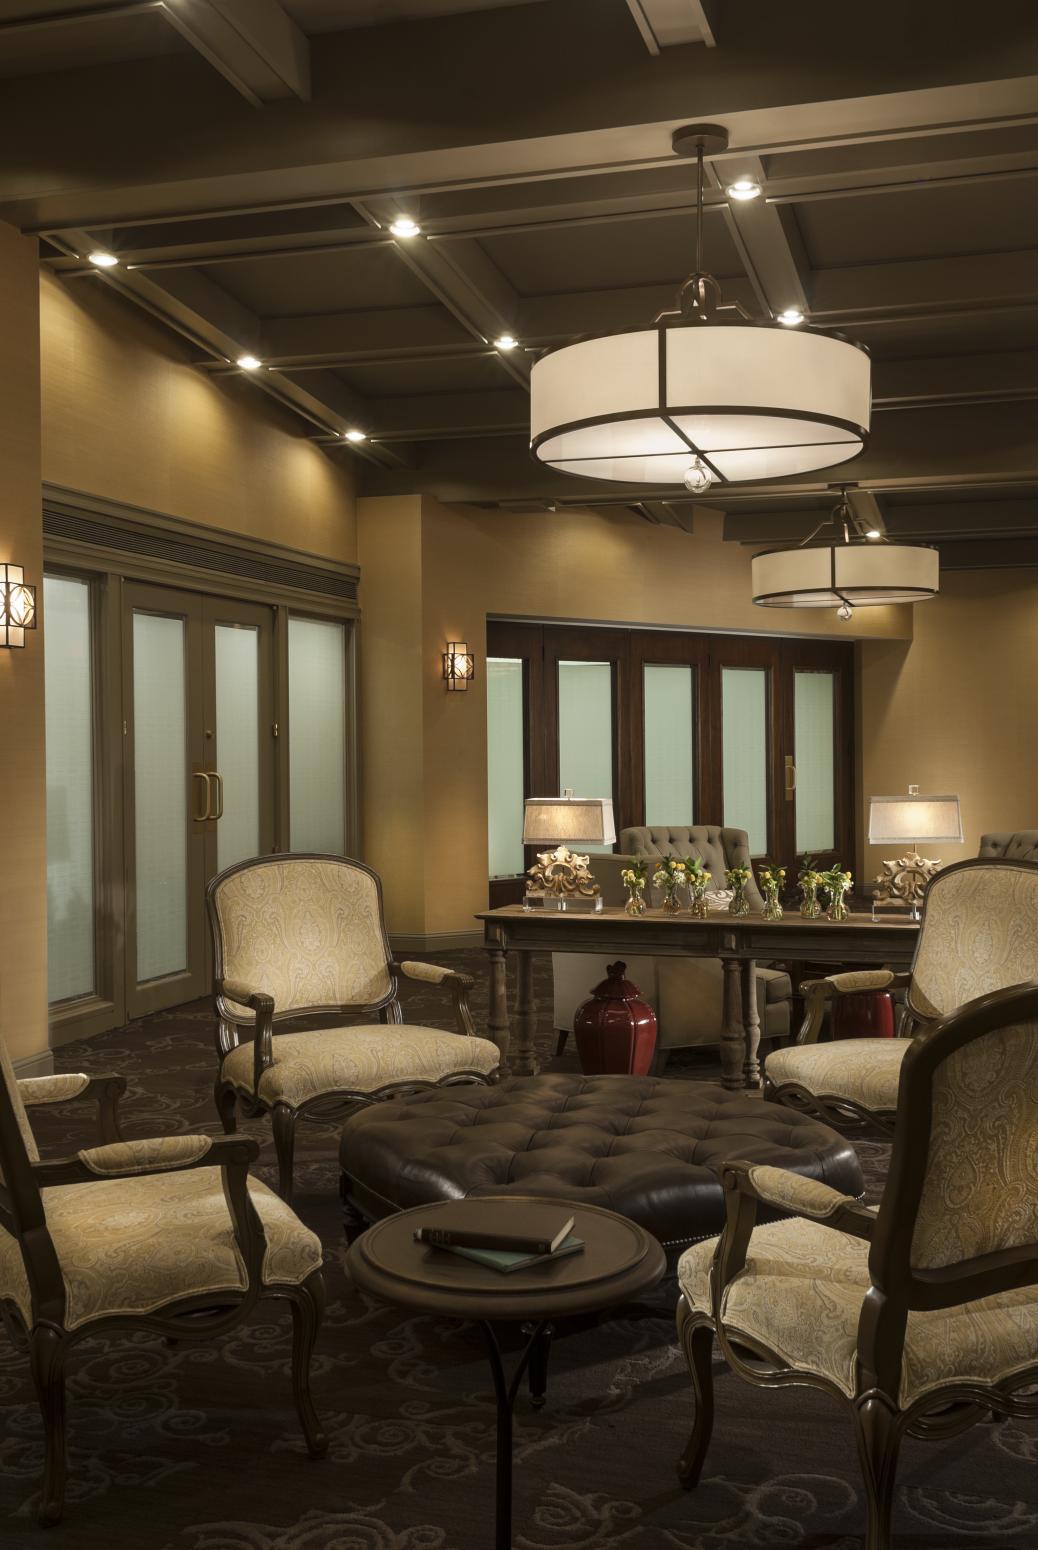 Country Club Interior Design  Golf Interior Design  AKA